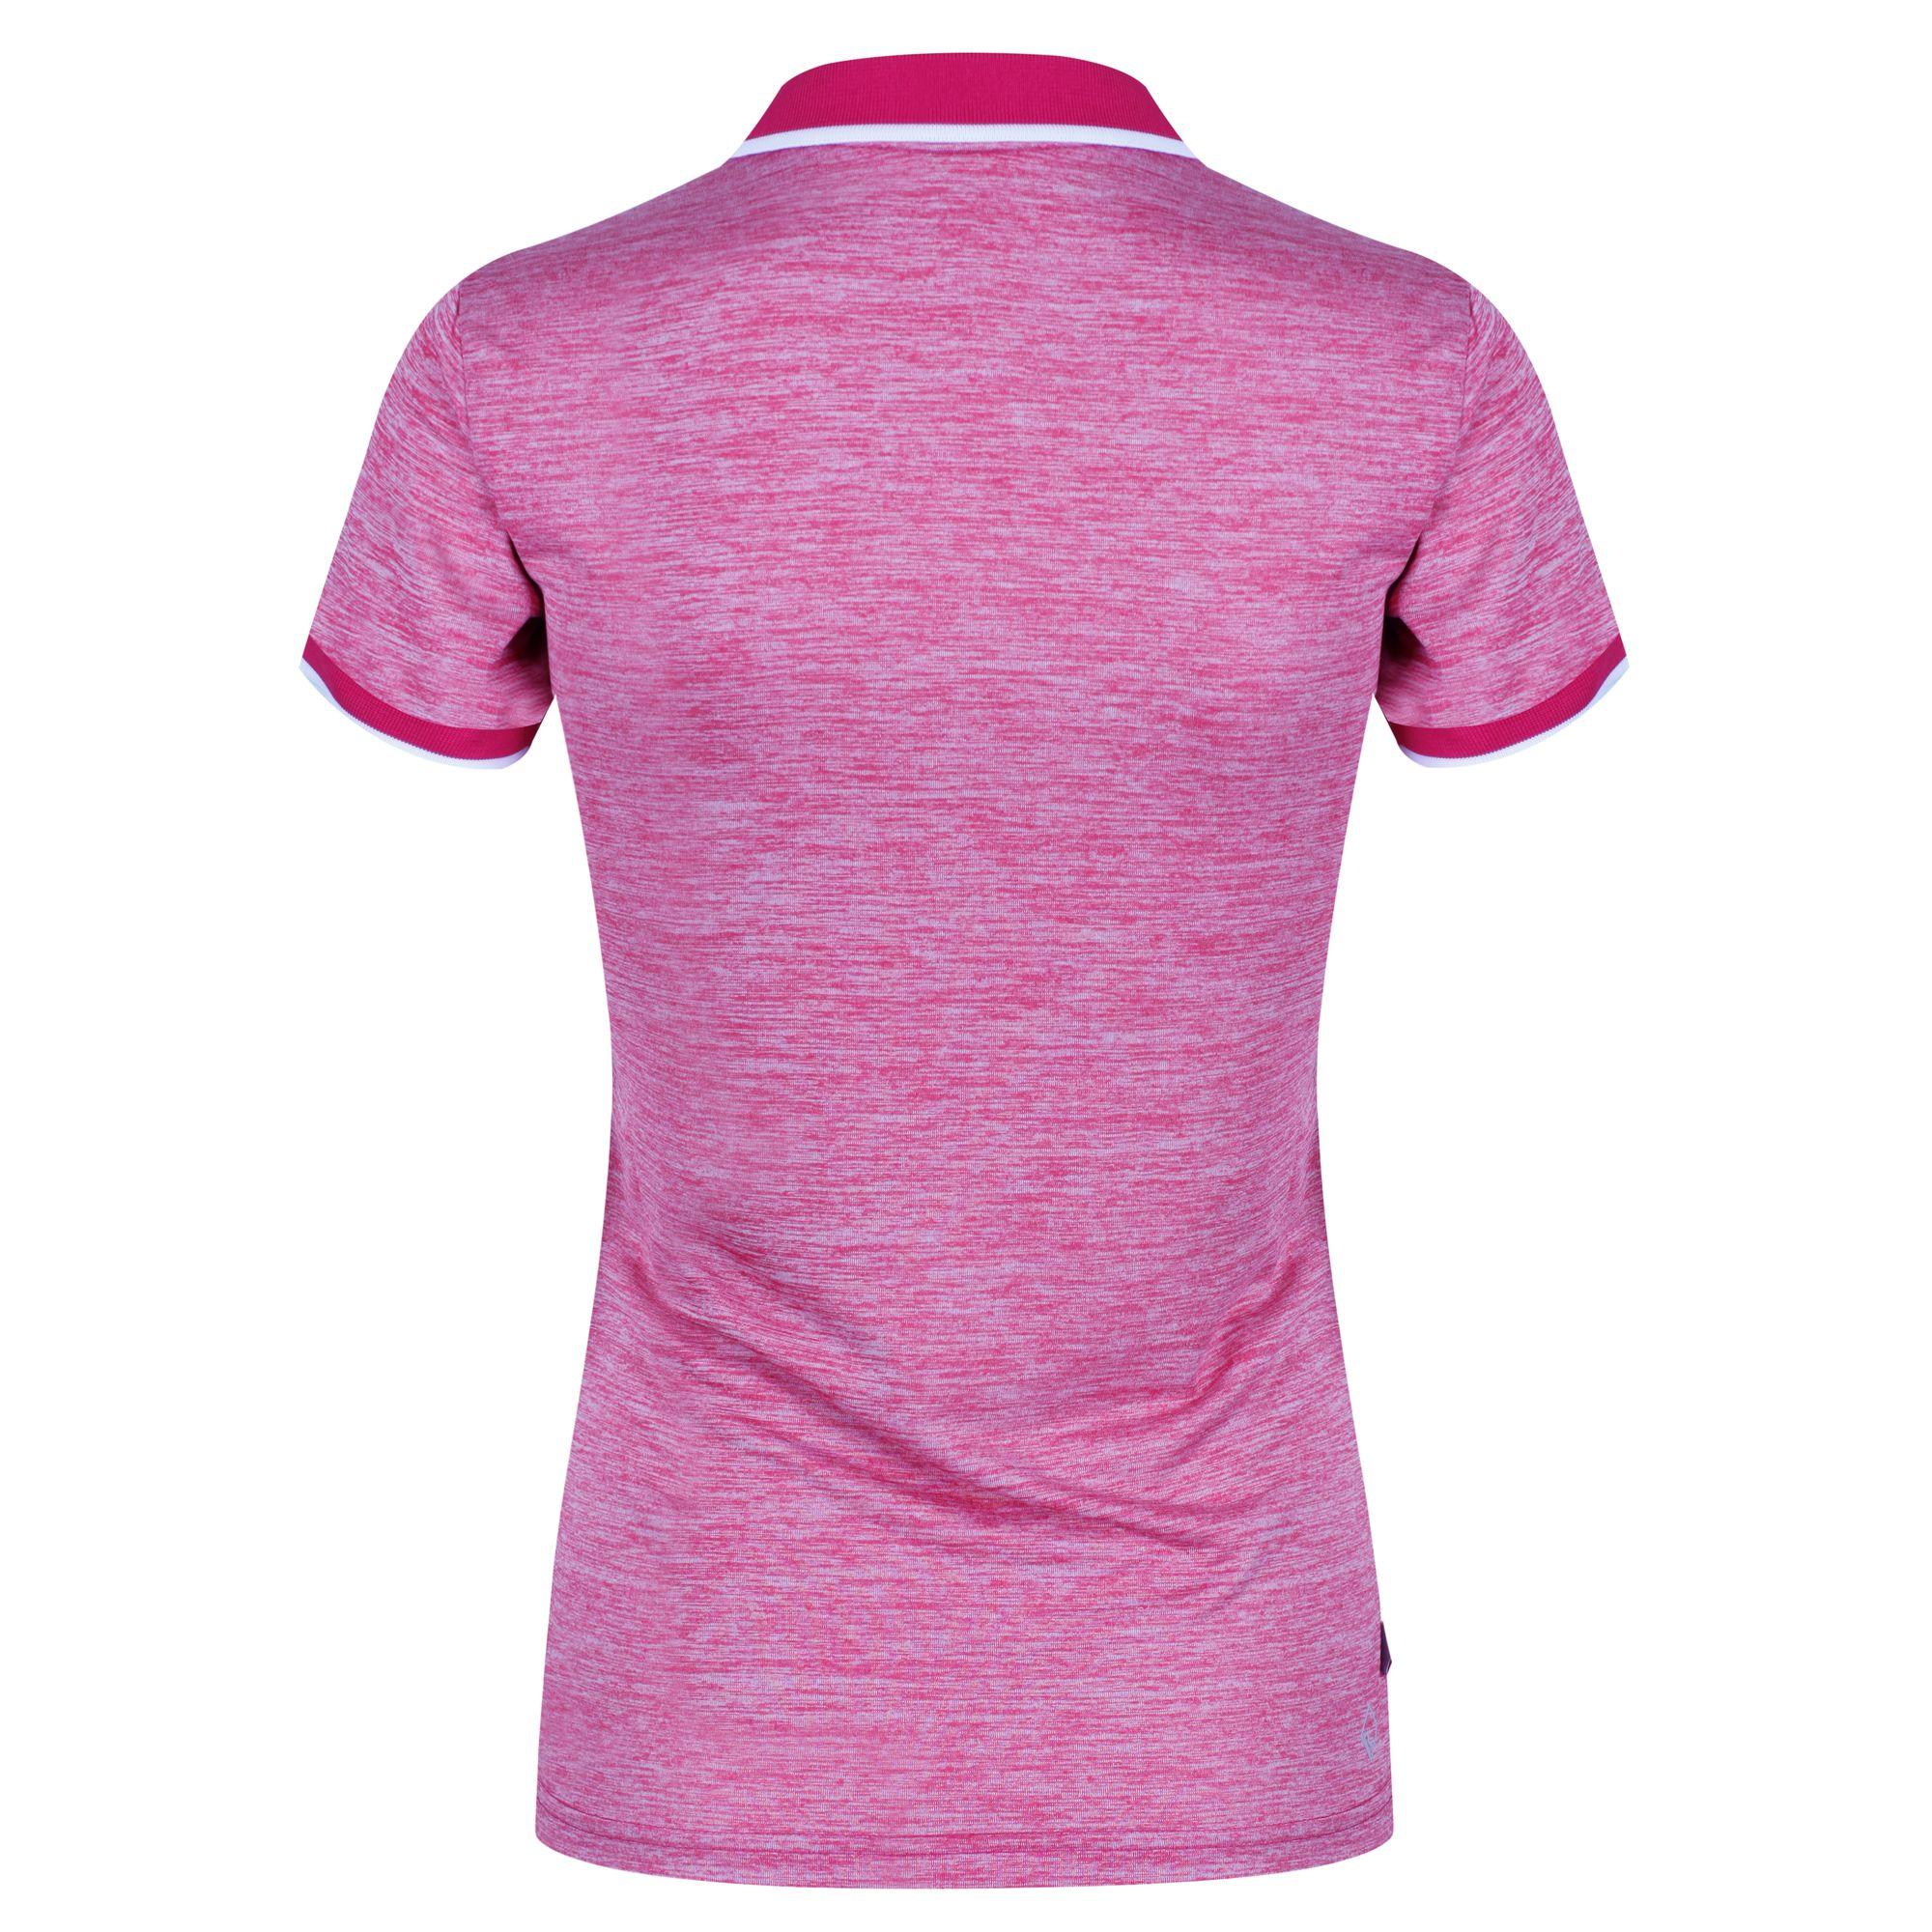 Regatta-Womens-Ladies-Remex-II-Polo-Neck-T-Shirt-RG4477 thumbnail 9